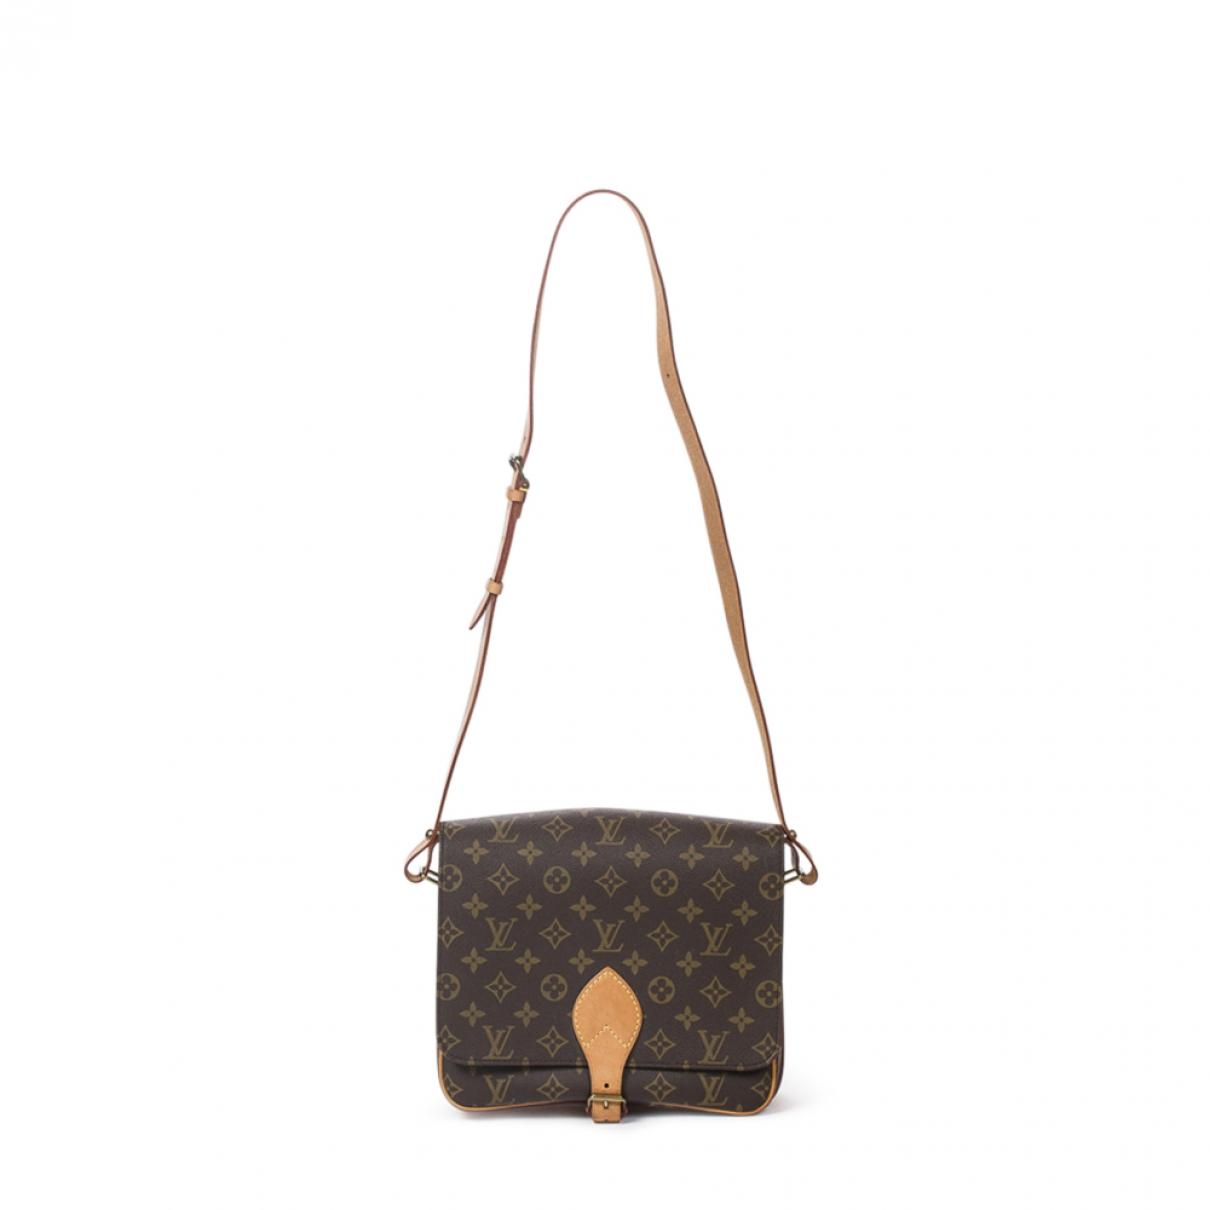 Louis Vuitton \N Handtasche in  Braun Baumwolle